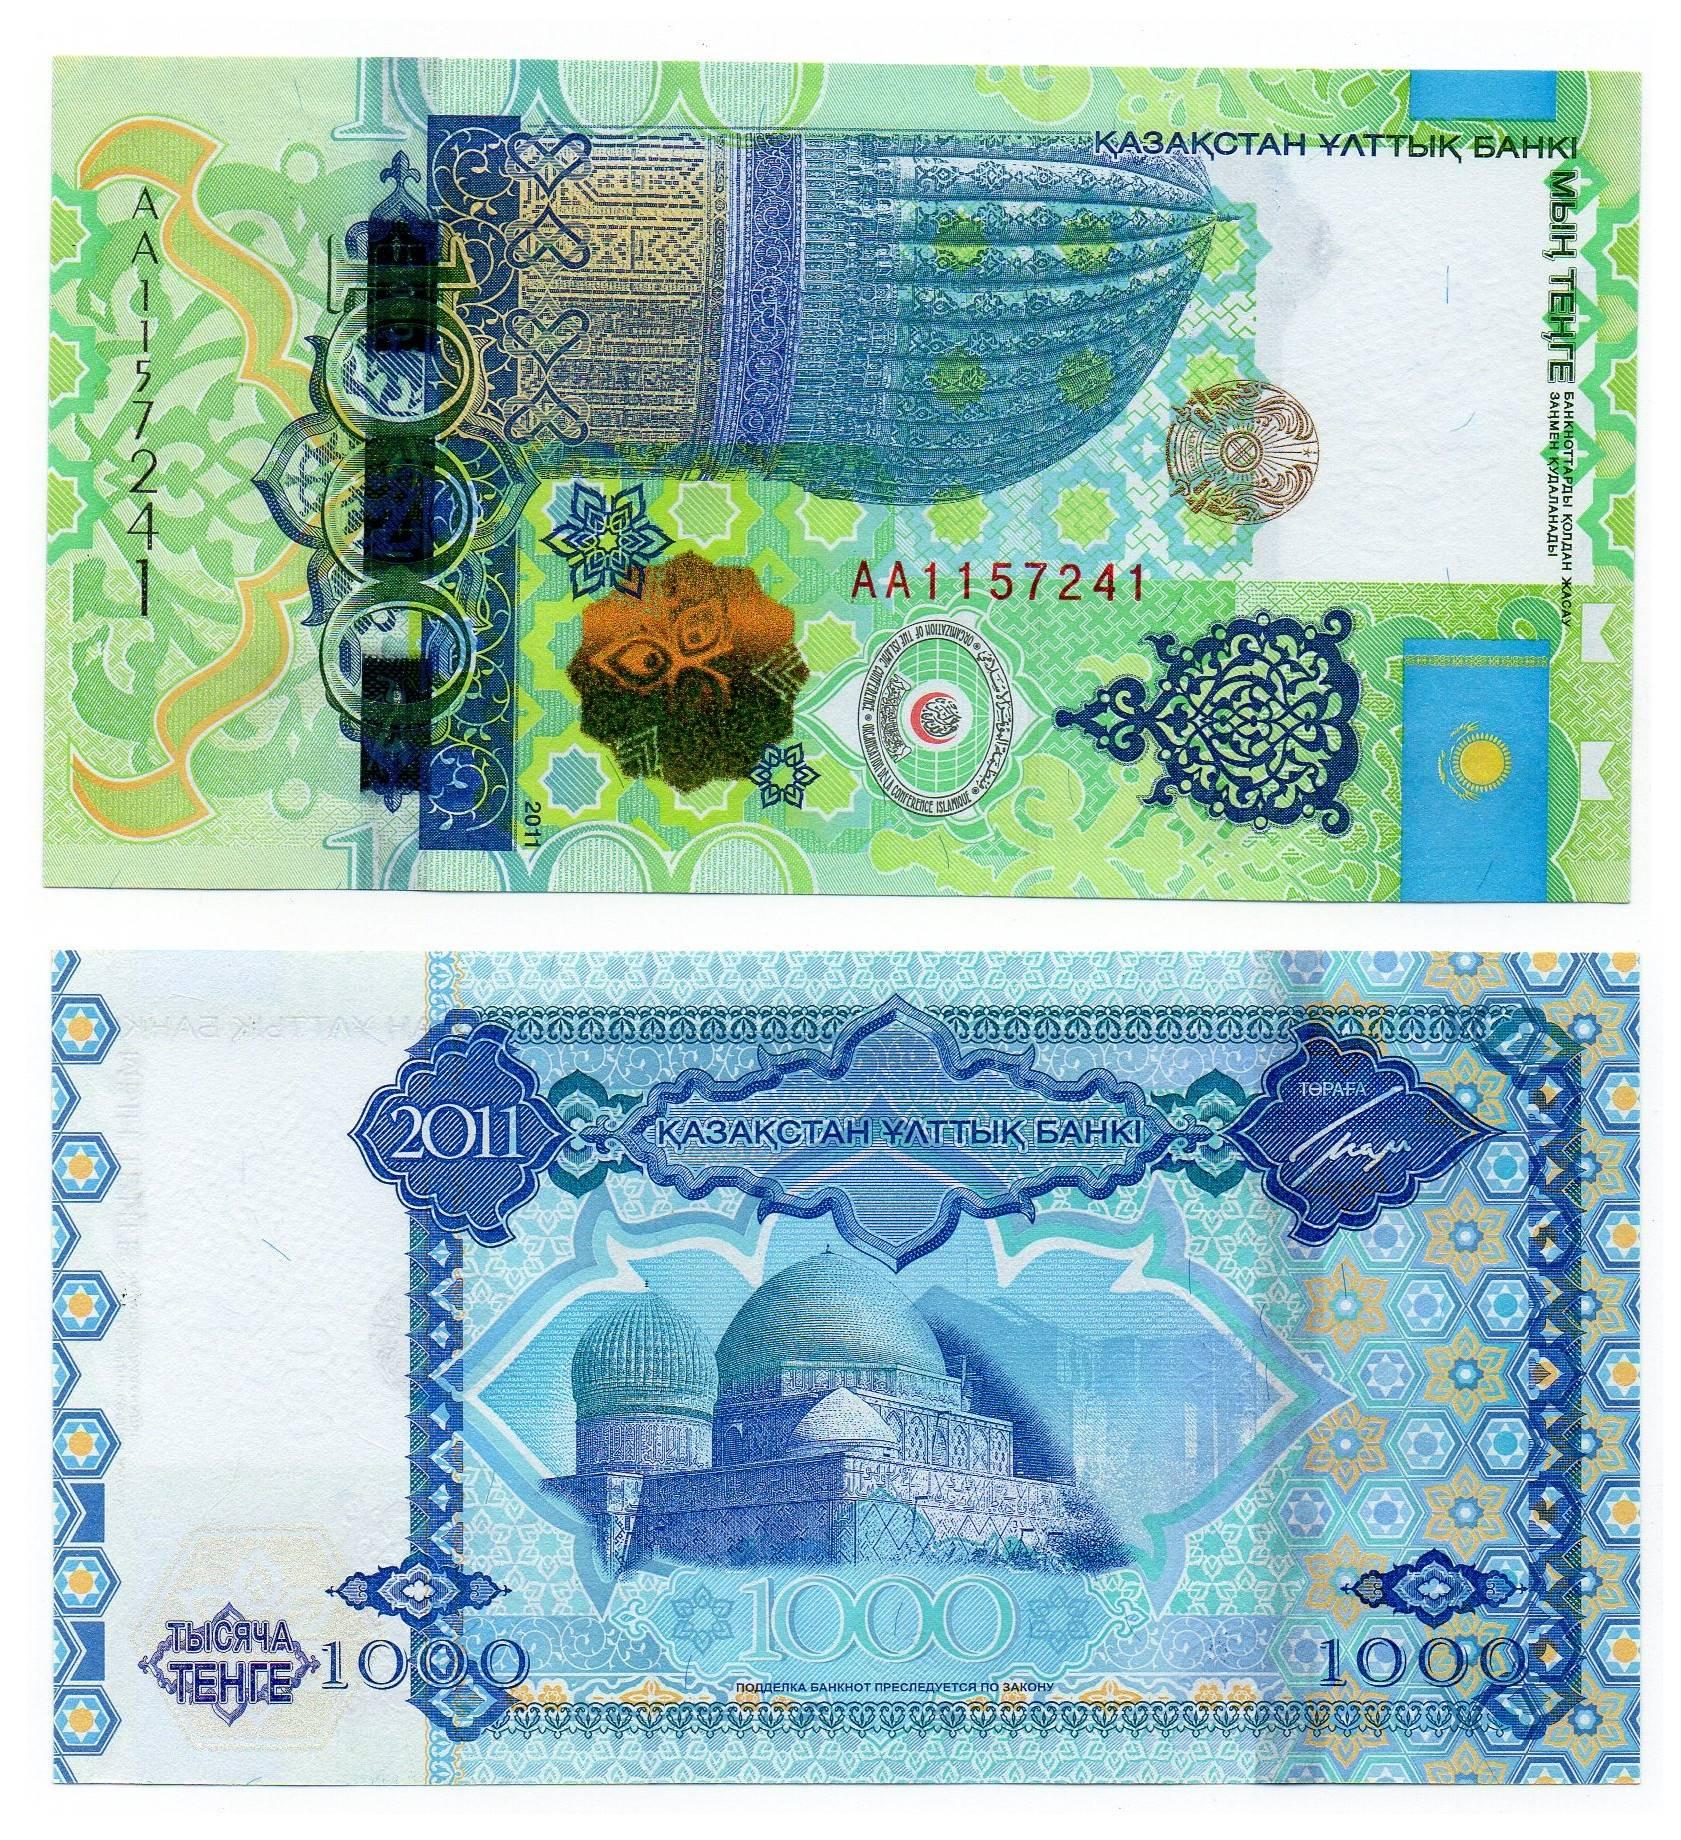 20 казахстан тенге 2011 год сколько стоит монета гривна евро 2012